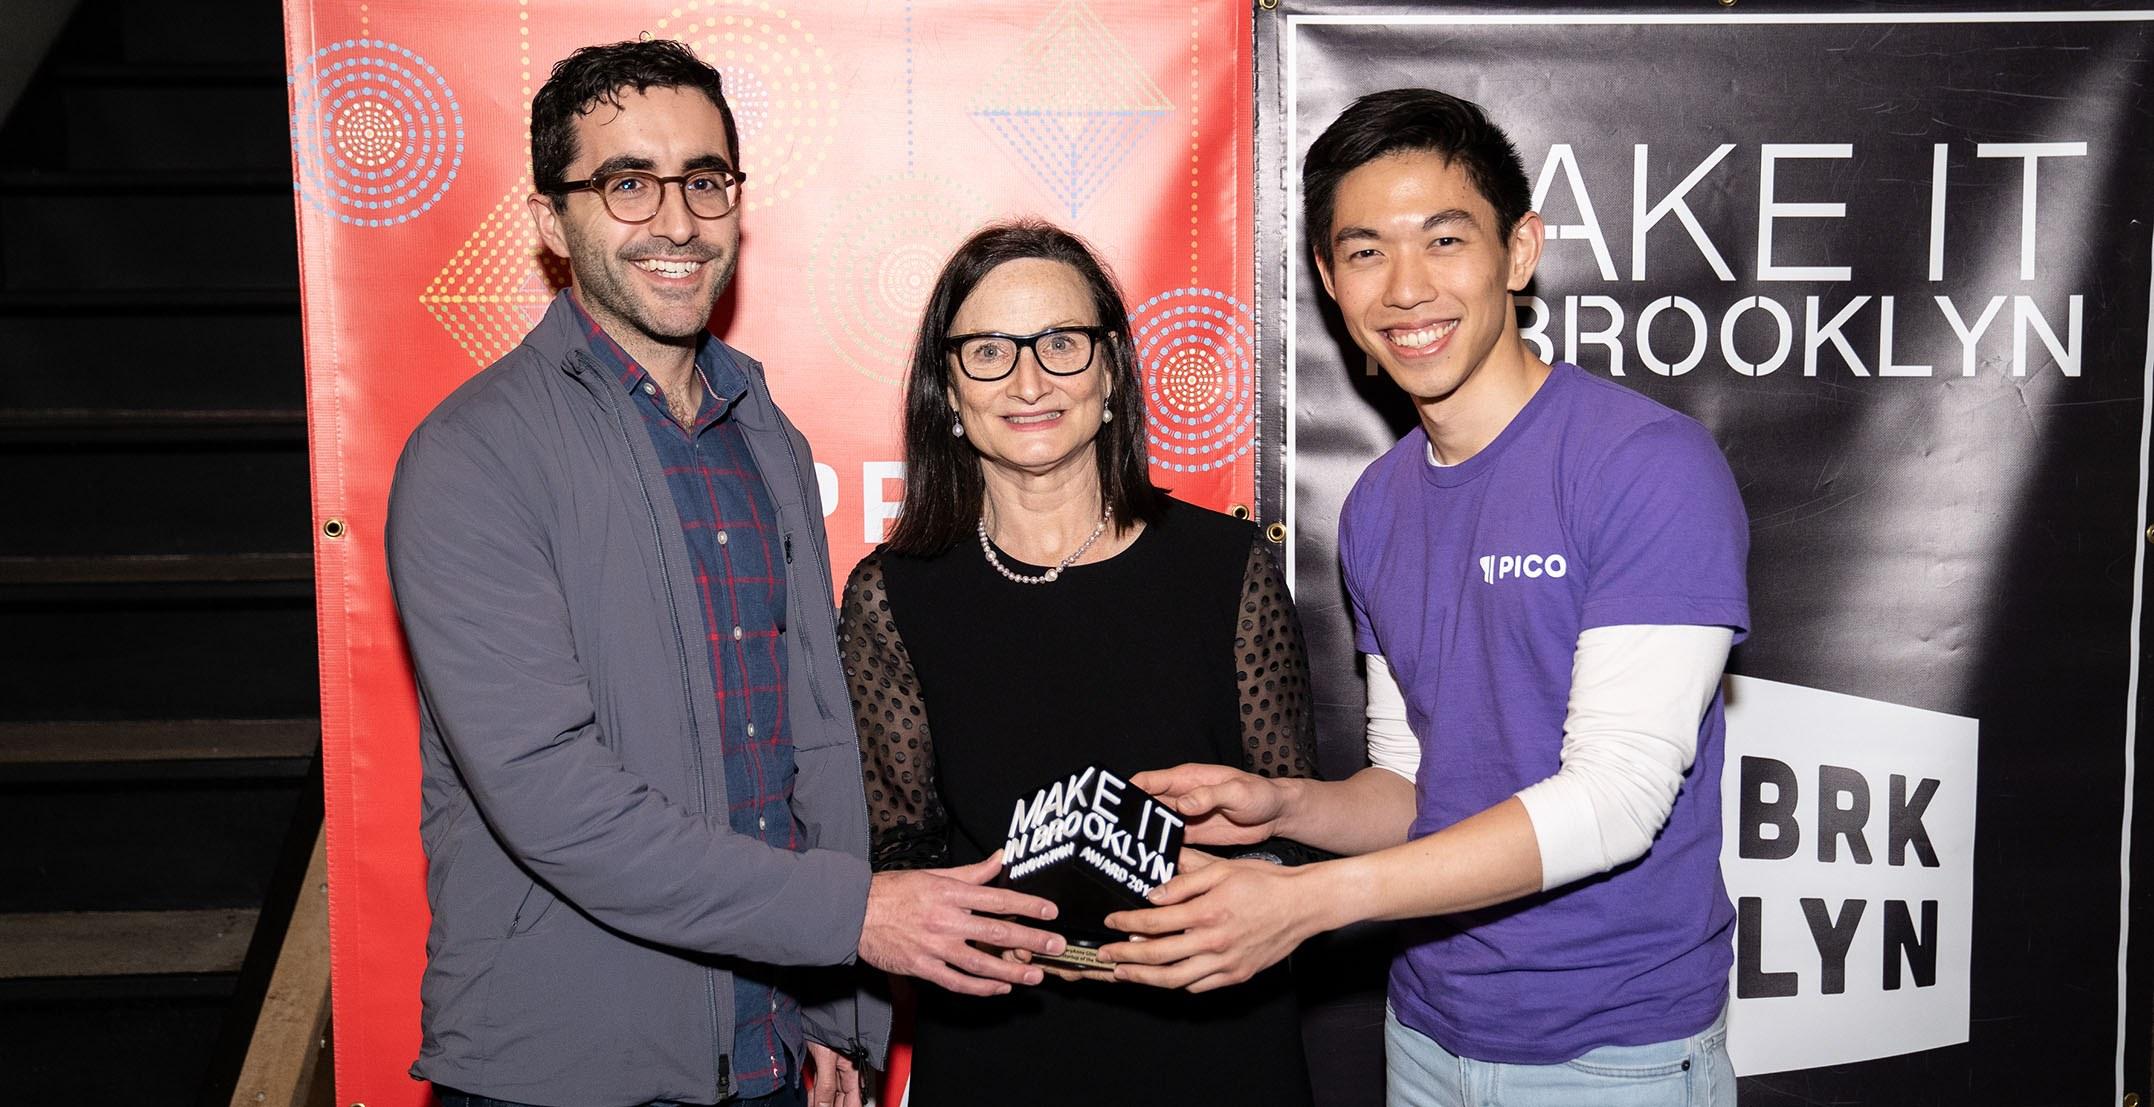 DBP-Innovation-Awards-Dec-2019-101c.jpg#asset:93160